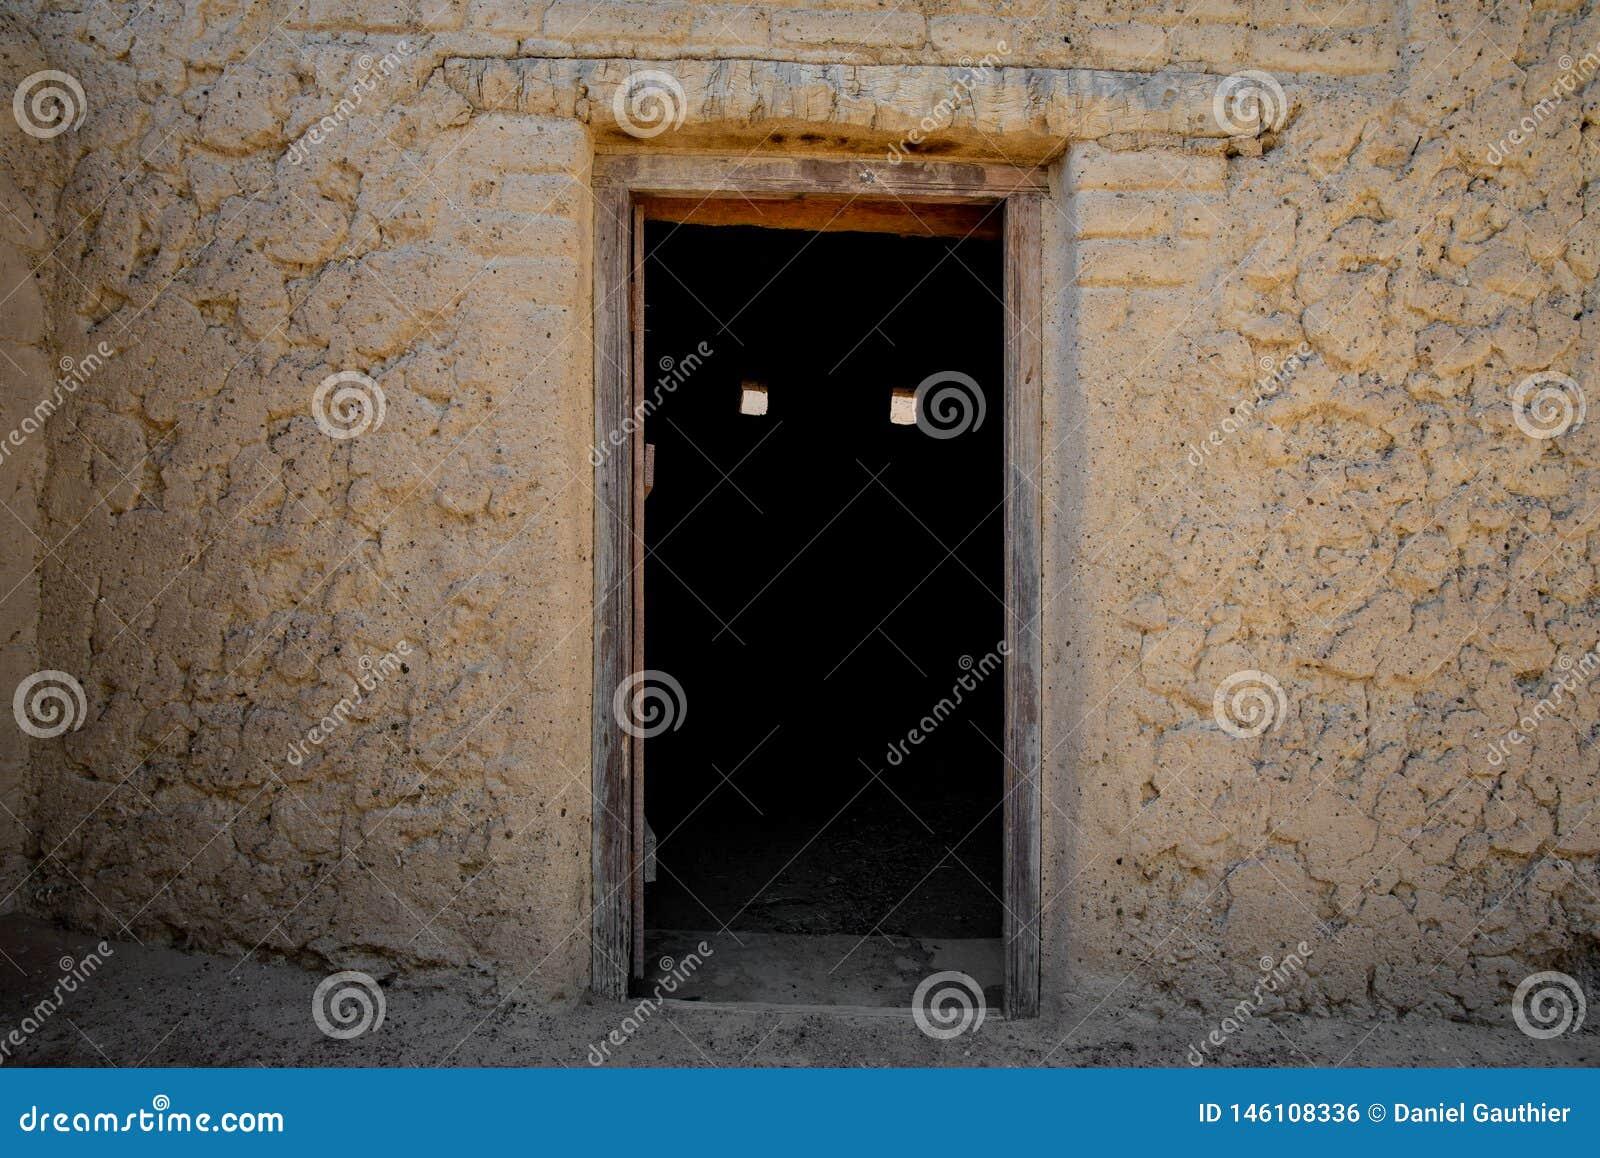 Пугающая дверь в оазисе Qattara Al